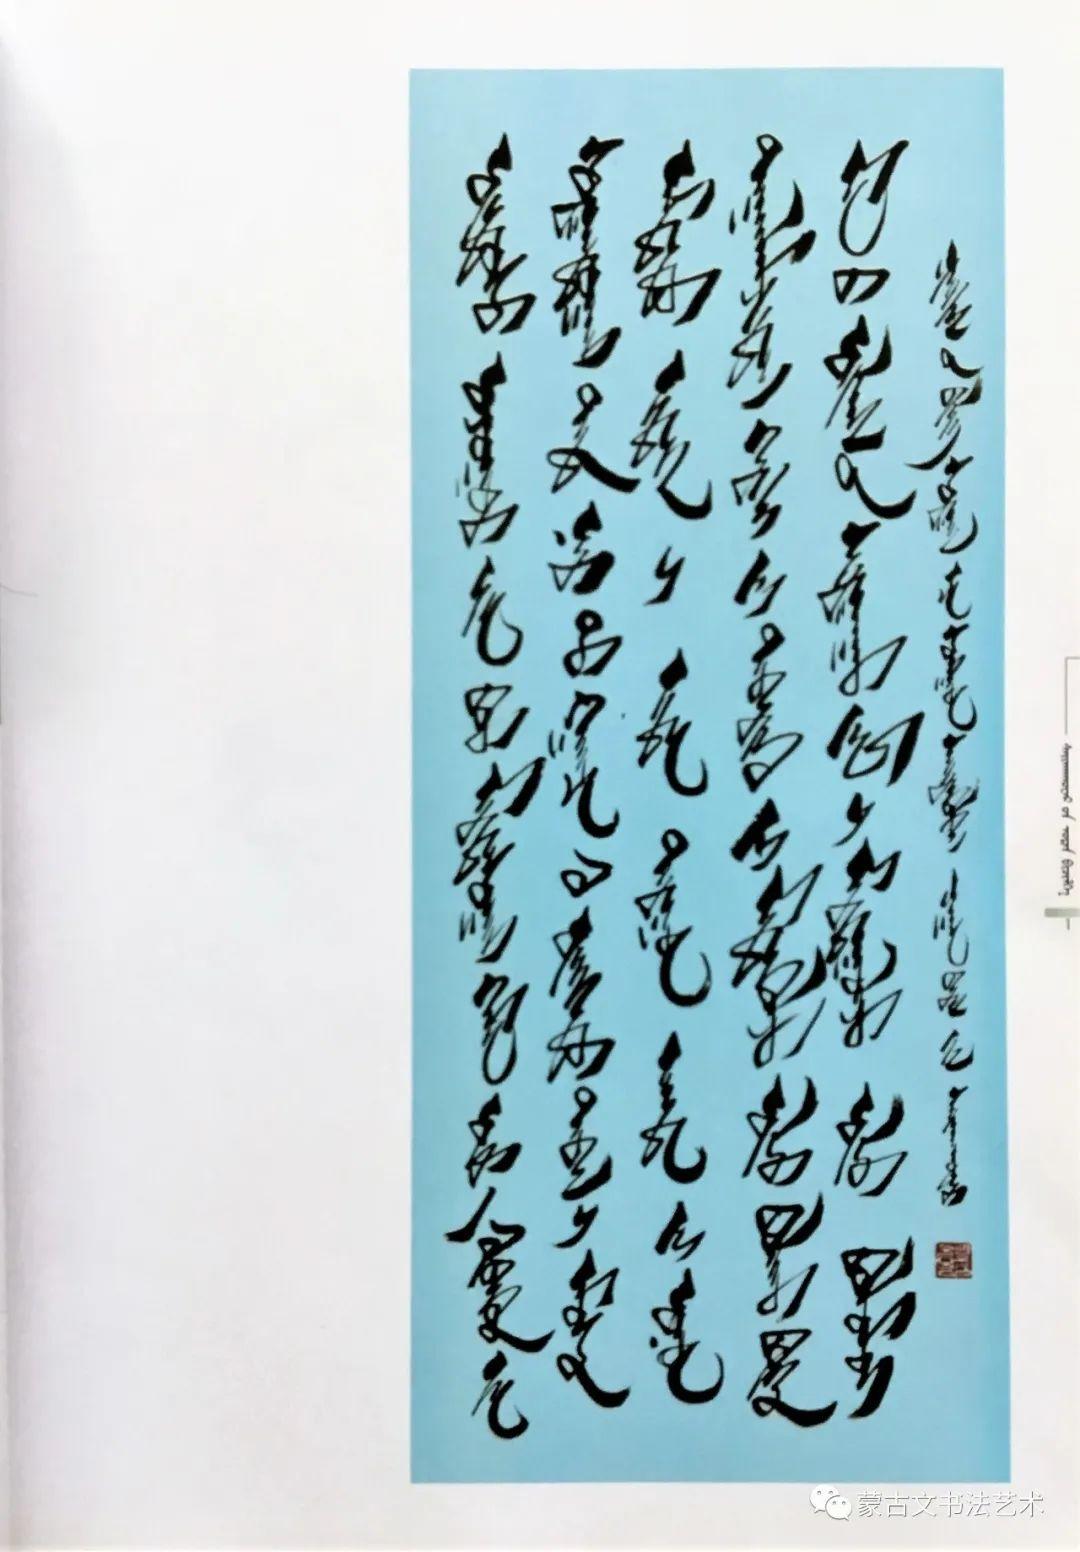 包赛音花《传奇奈曼-包赛音花蒙古文书法》 第6张